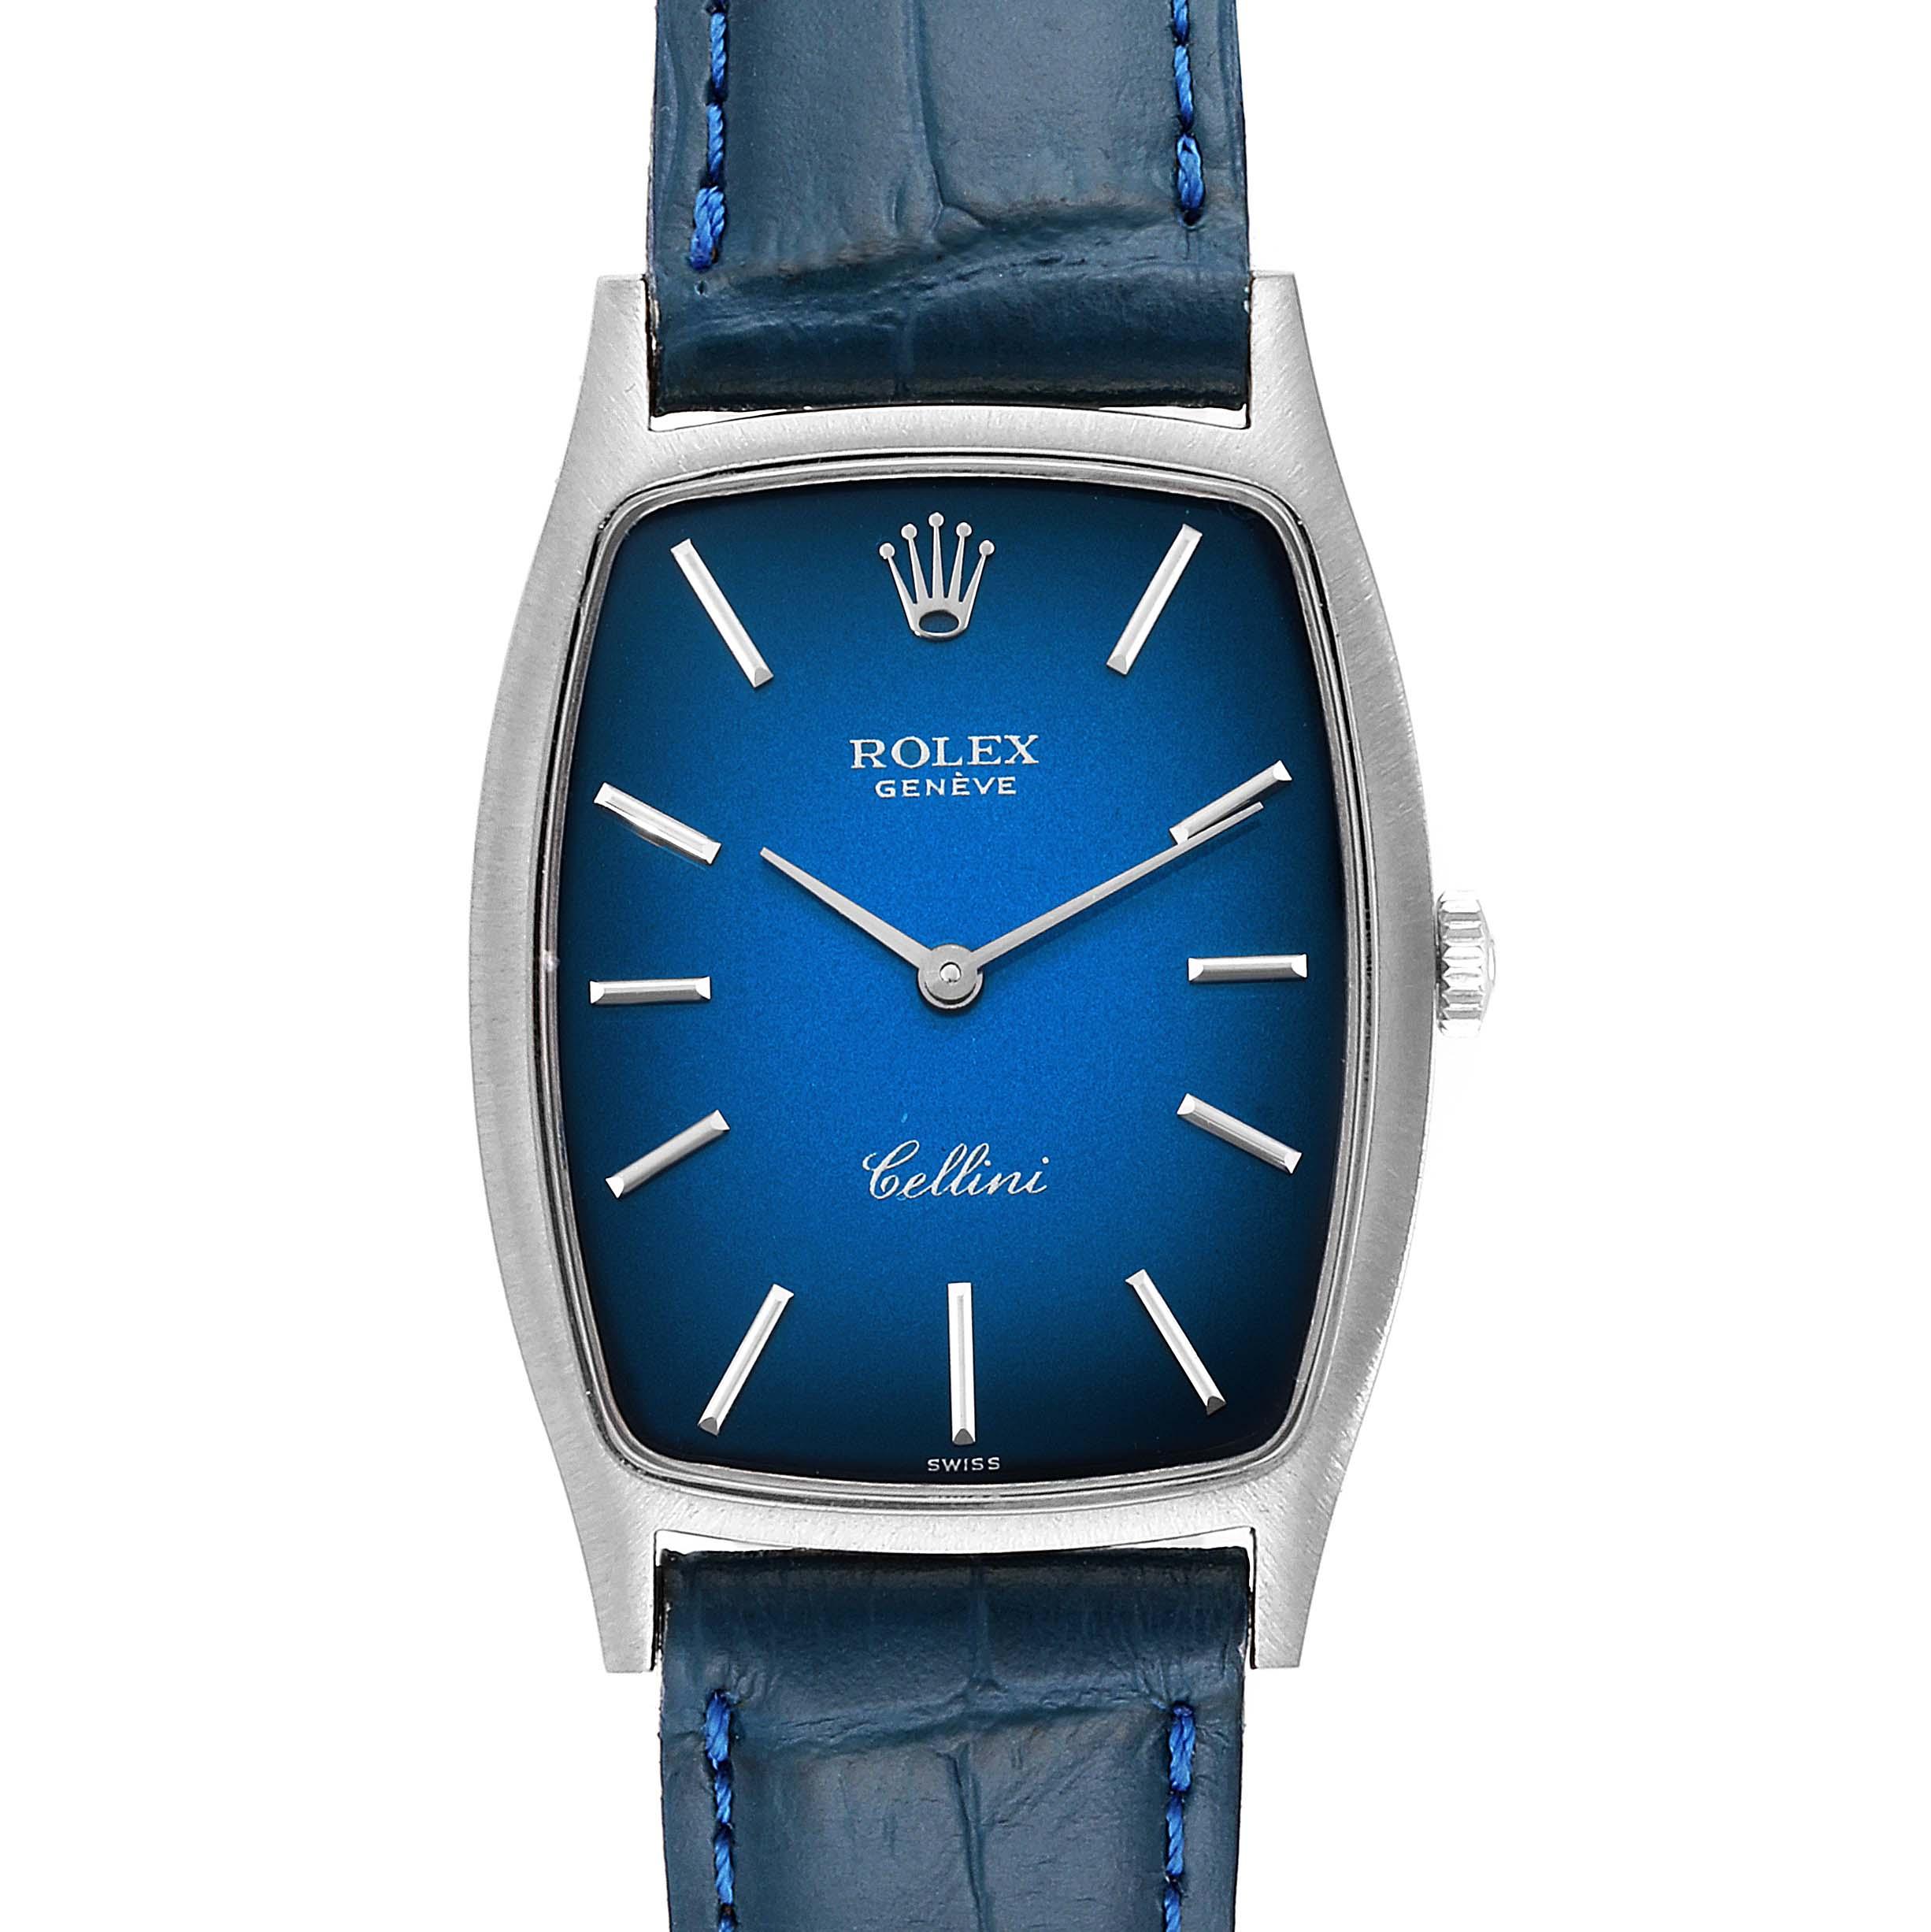 Rolex Cellini White Gold Blue Vignette Dial Vintage Ladies Watch 3807